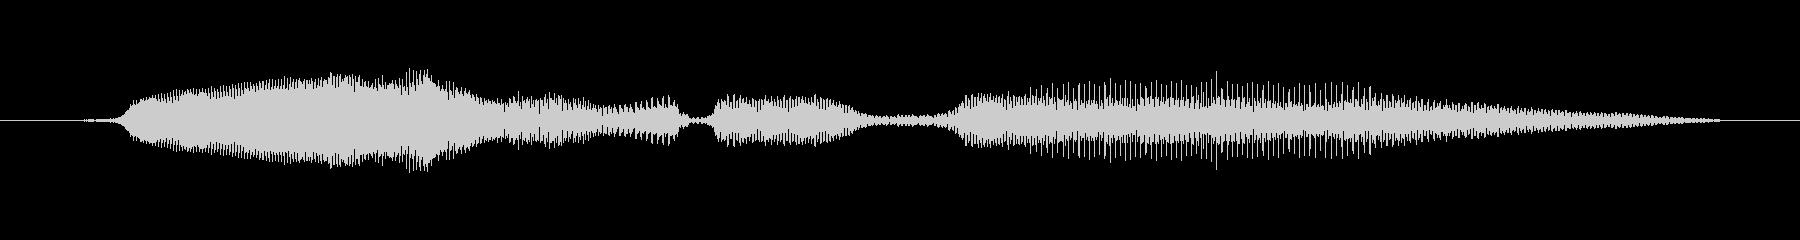 鳴き声 女性トークエルフィッシュ06の未再生の波形